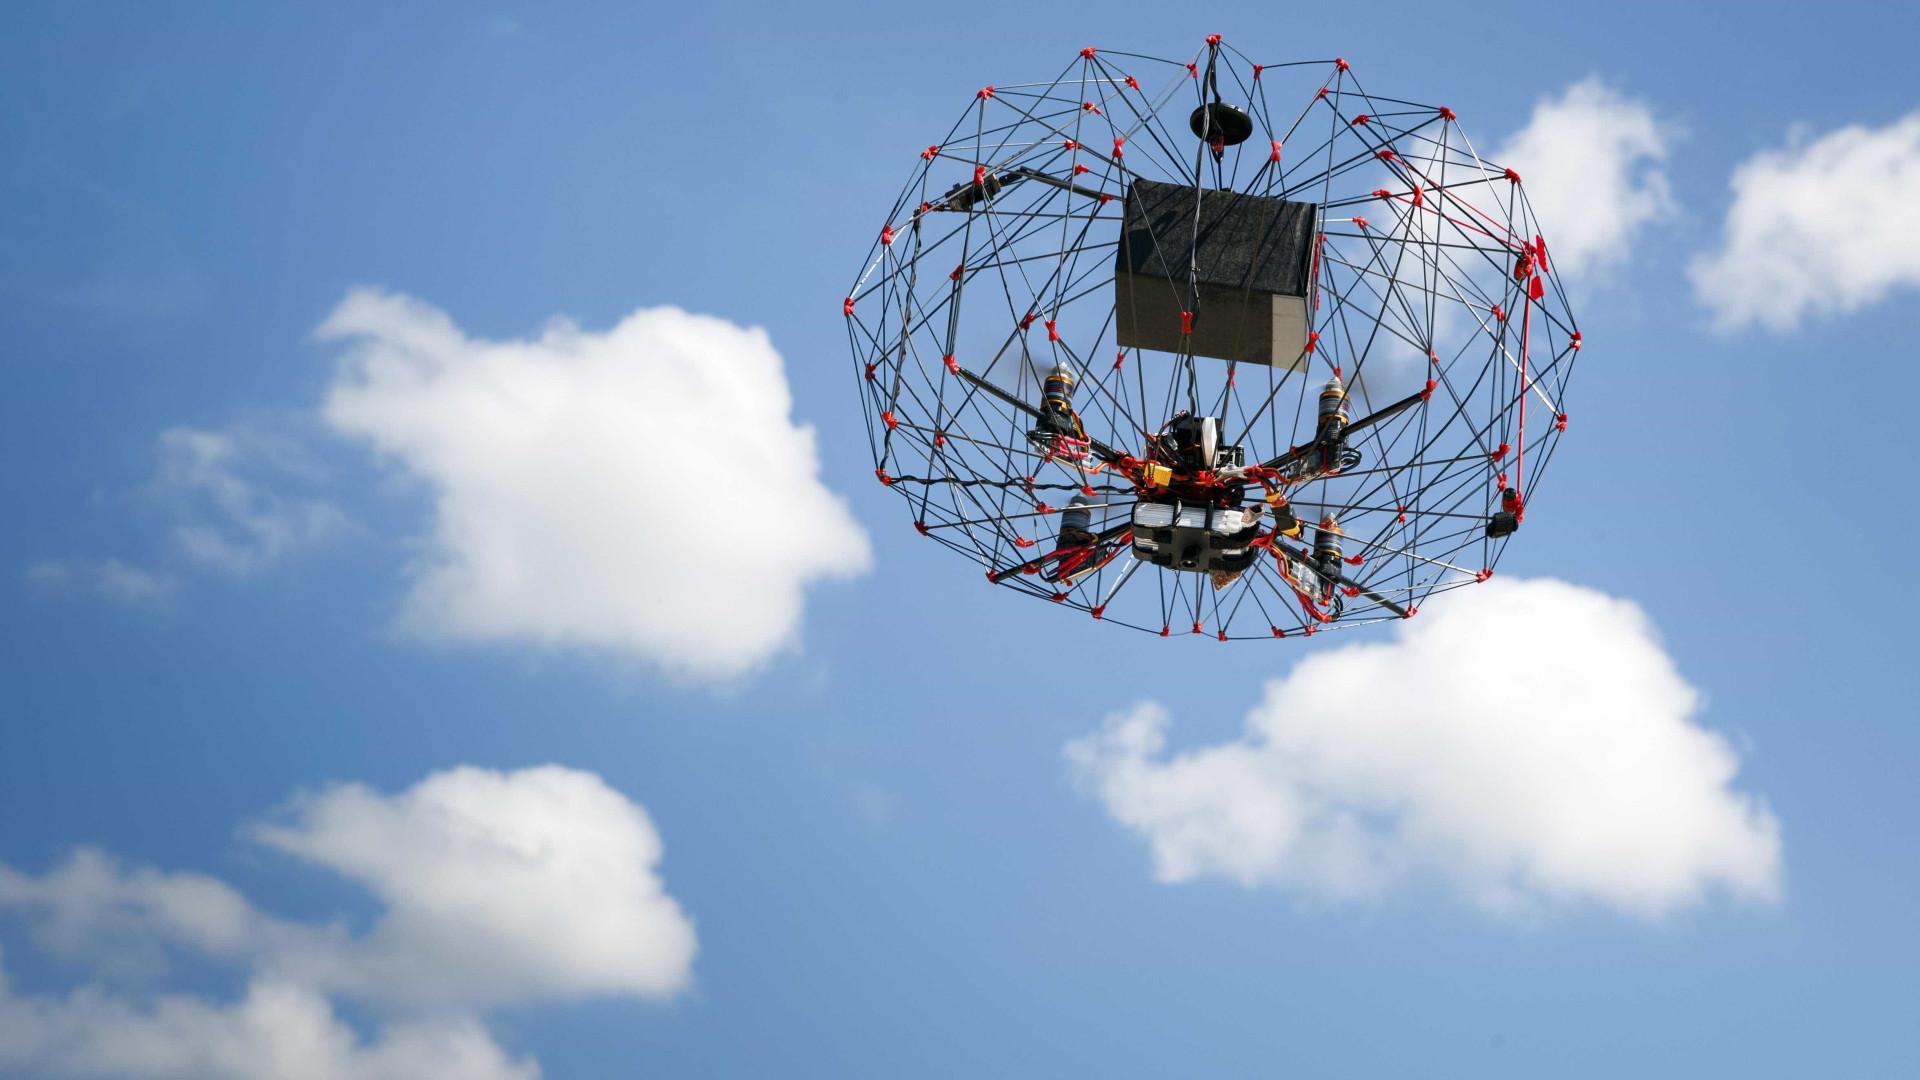 Carros elétricos e drones exigem novas formas de tratar pilhas e baterias